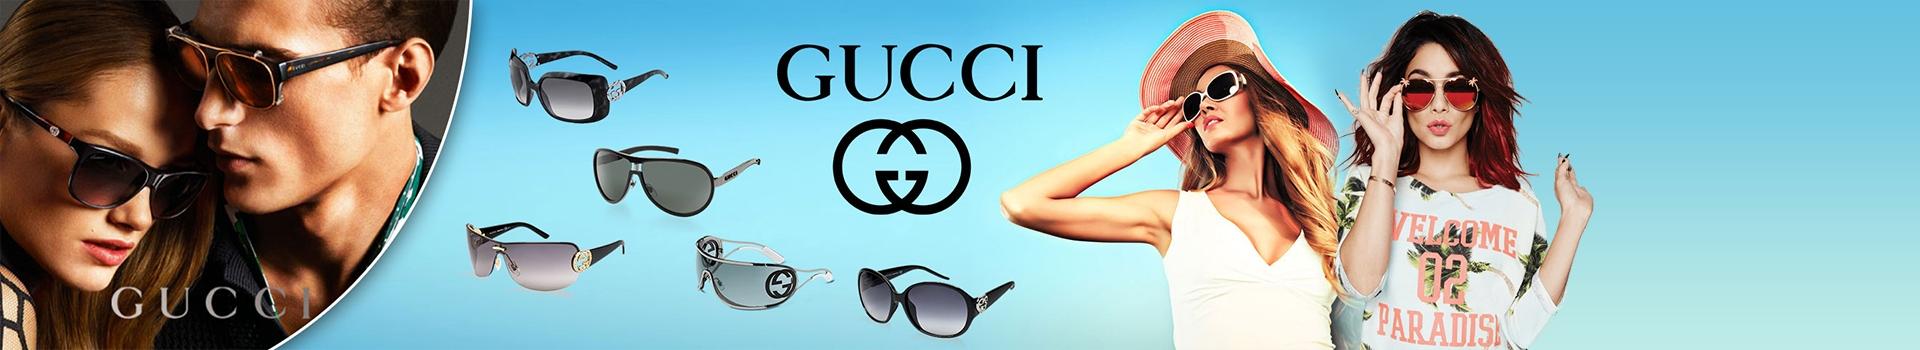 Gucci Güneş Gözlükleri